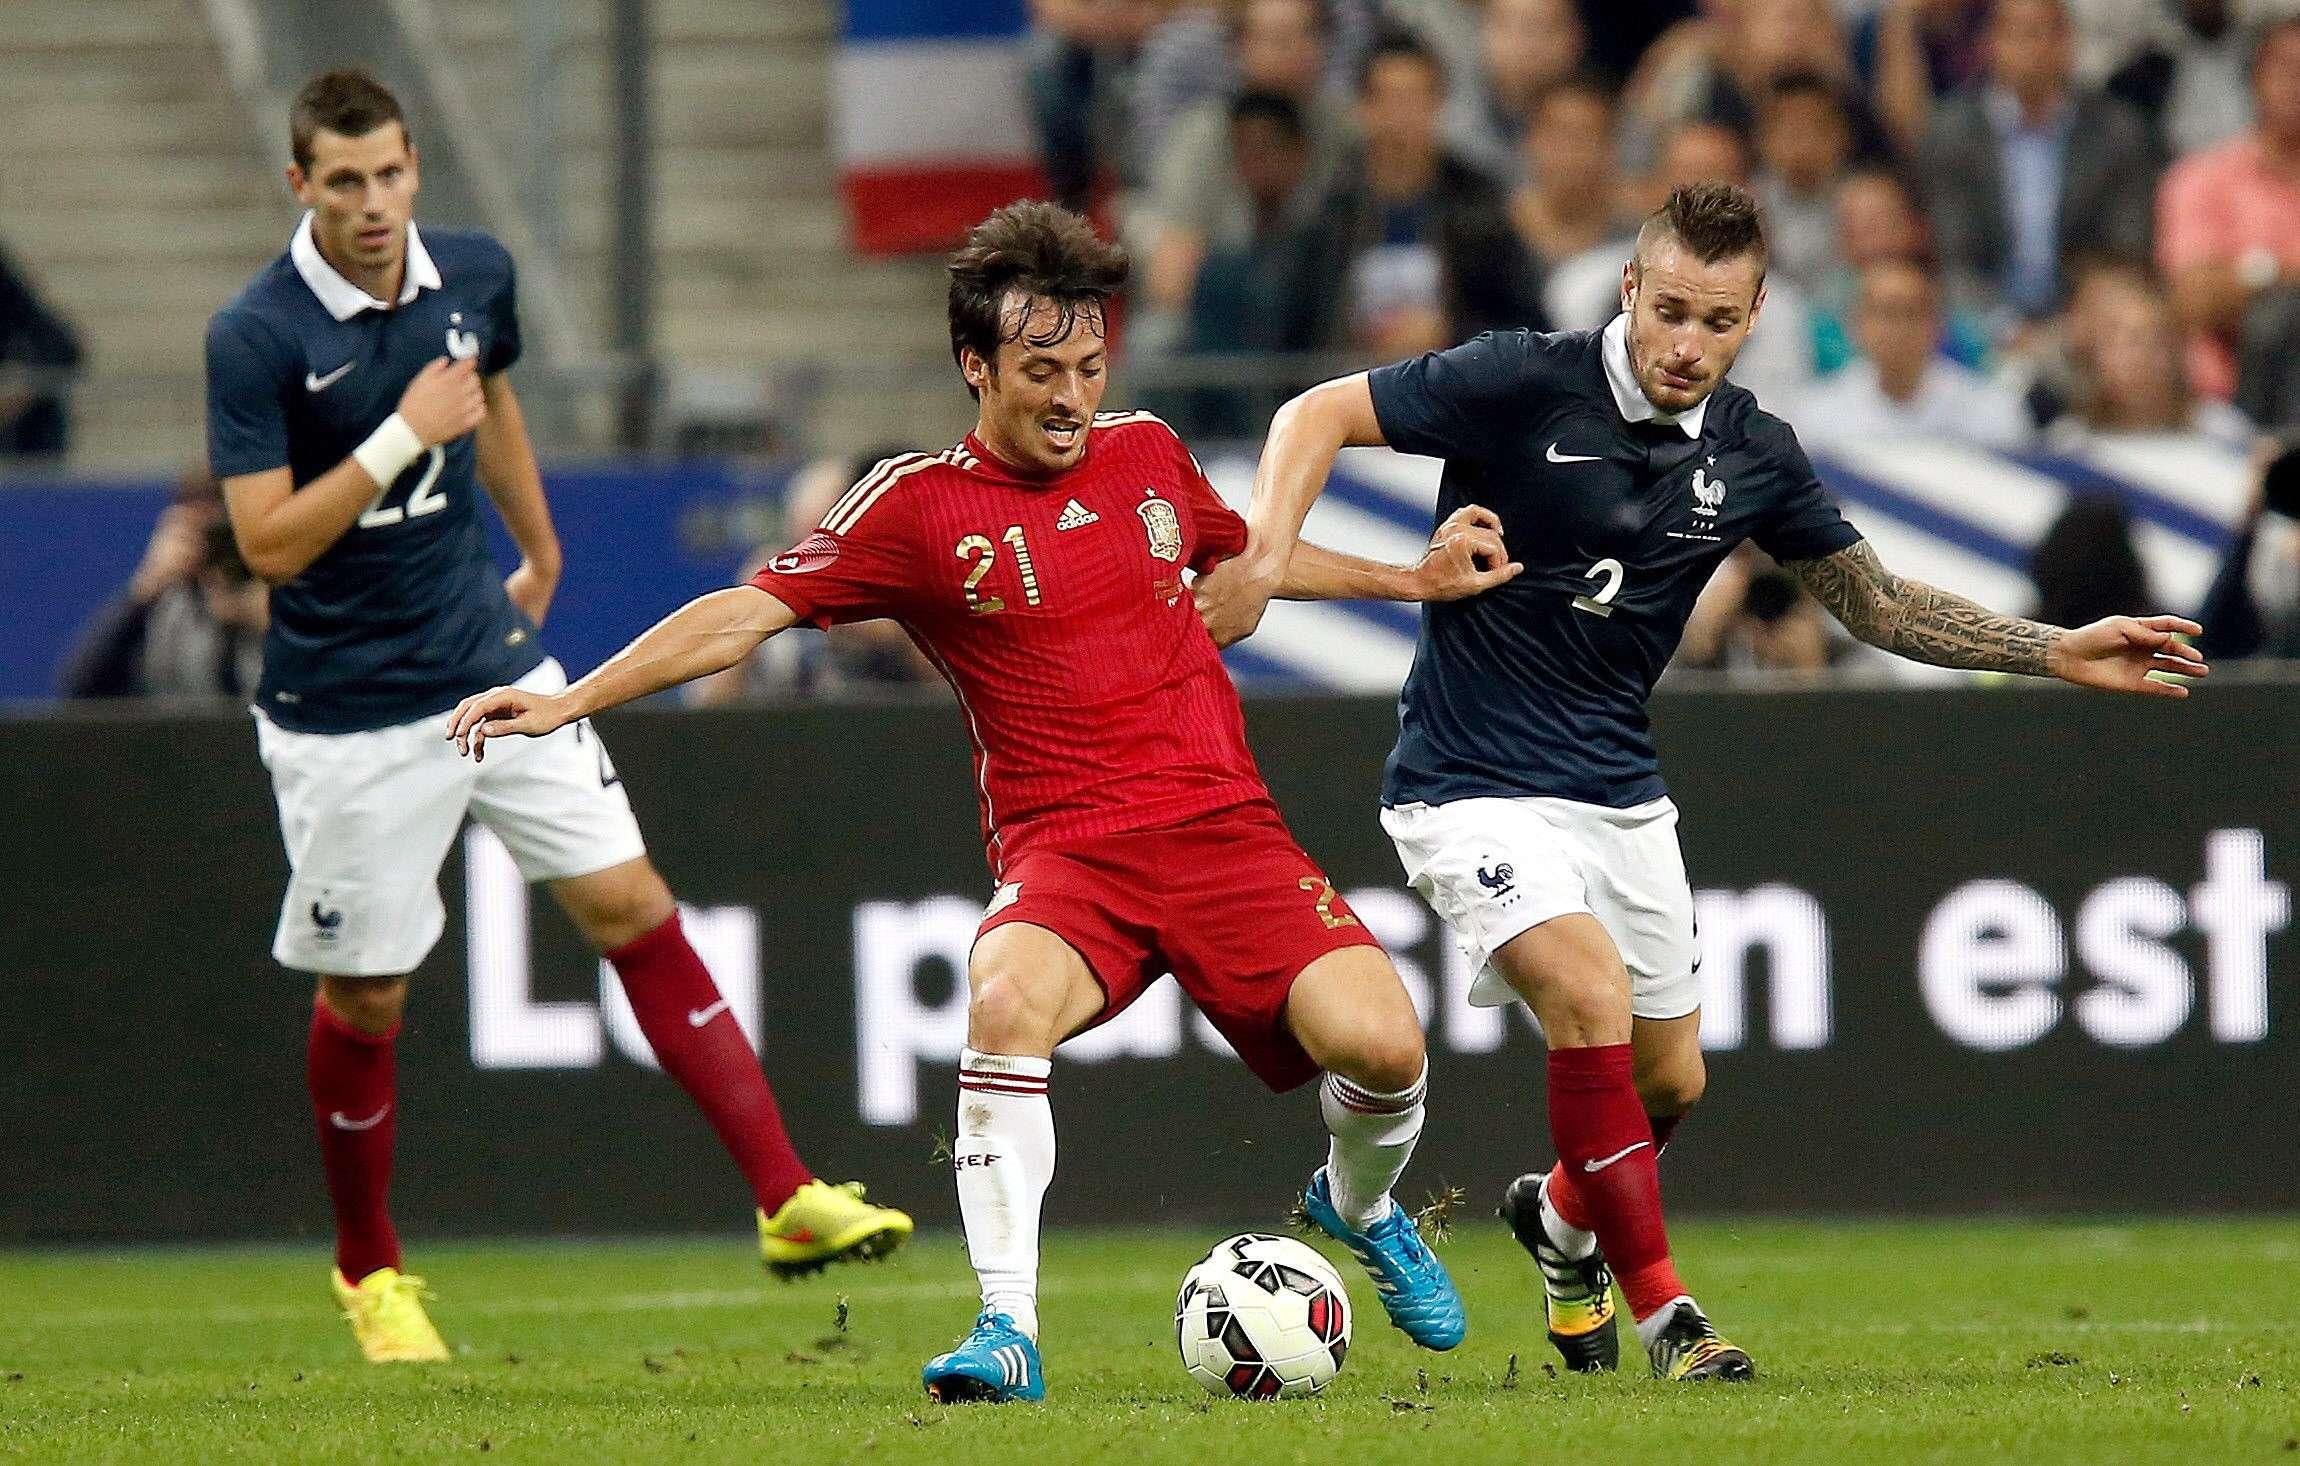 El jugador francés Debuchy (d) pelea un balón con Silva (c), de España, durante el partido amistoso disputado el jueves 4 de septiembre en el estadio de Saint Denis, en París. Foto: EFE